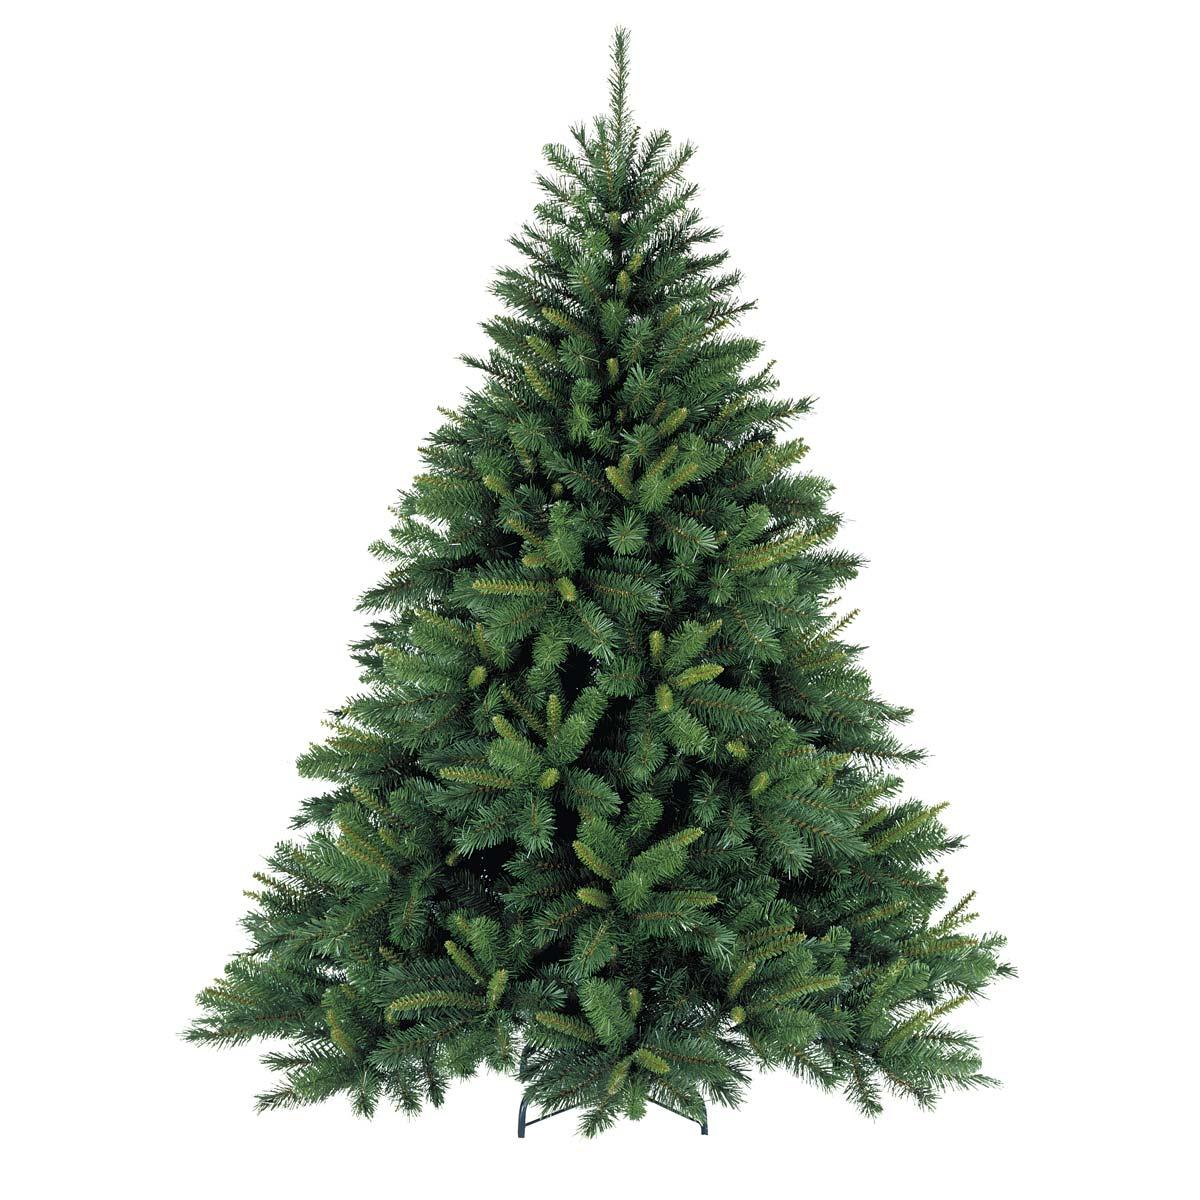 Premium Grade Nordmann Fir - Mistletoe & Pine